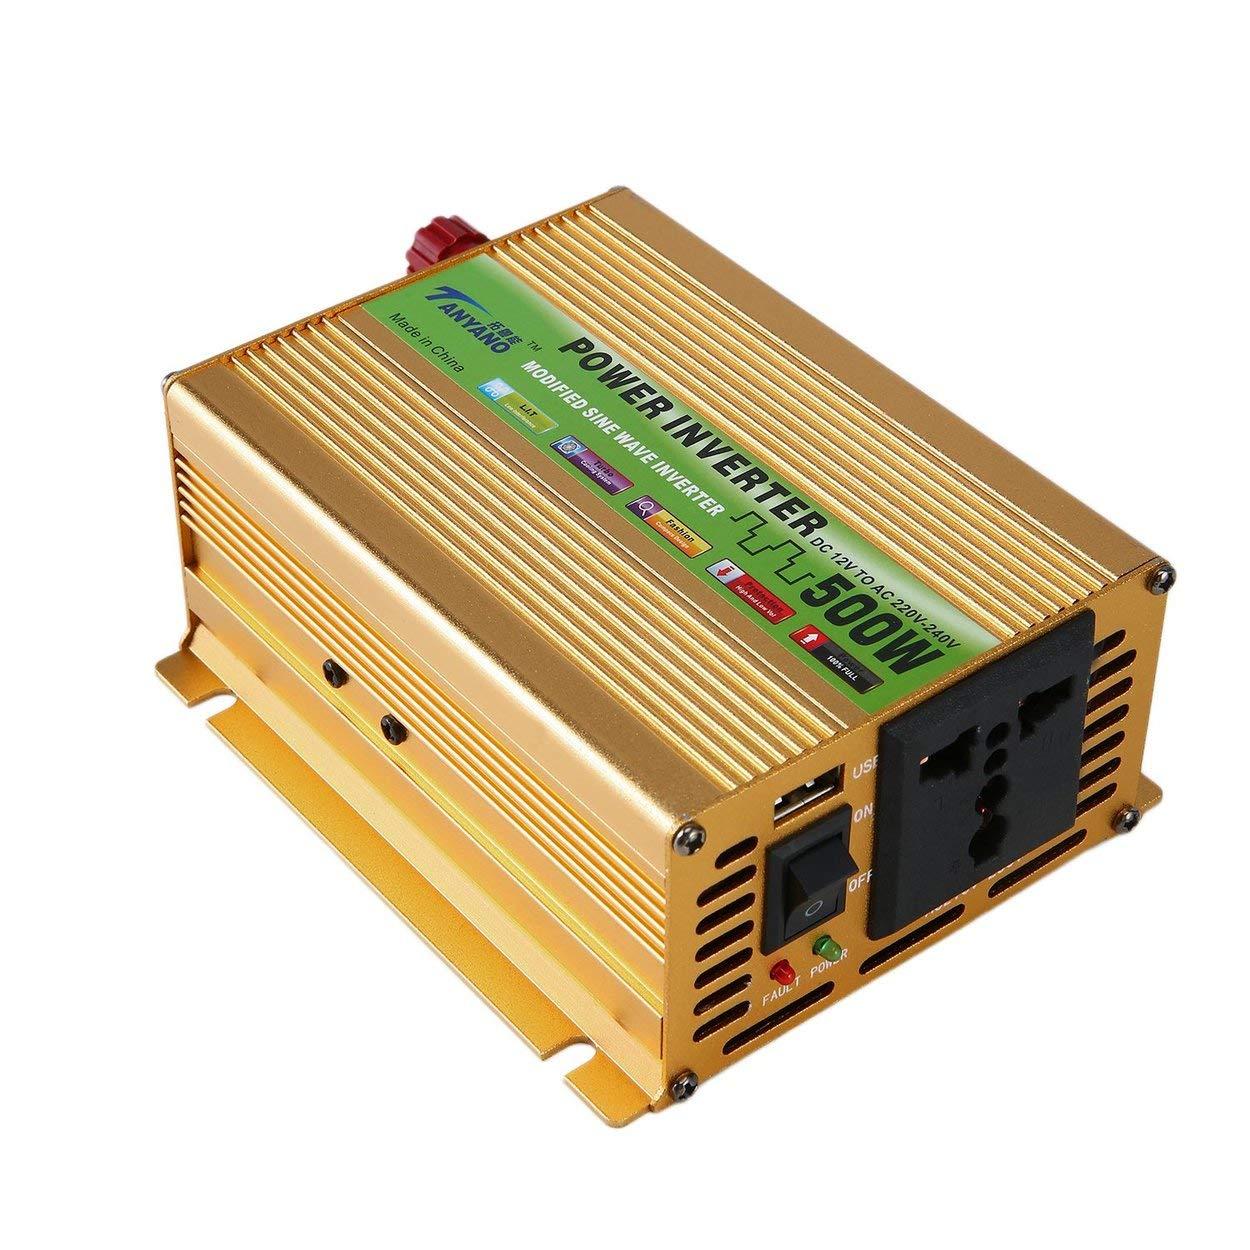 Fashionlook Alimentatore per Auto Inverter sinusoidale Inverter DC da 12V a CA 220V Adattatore USB Caricabatteria per Auto trasformatore di Tensione Portatile